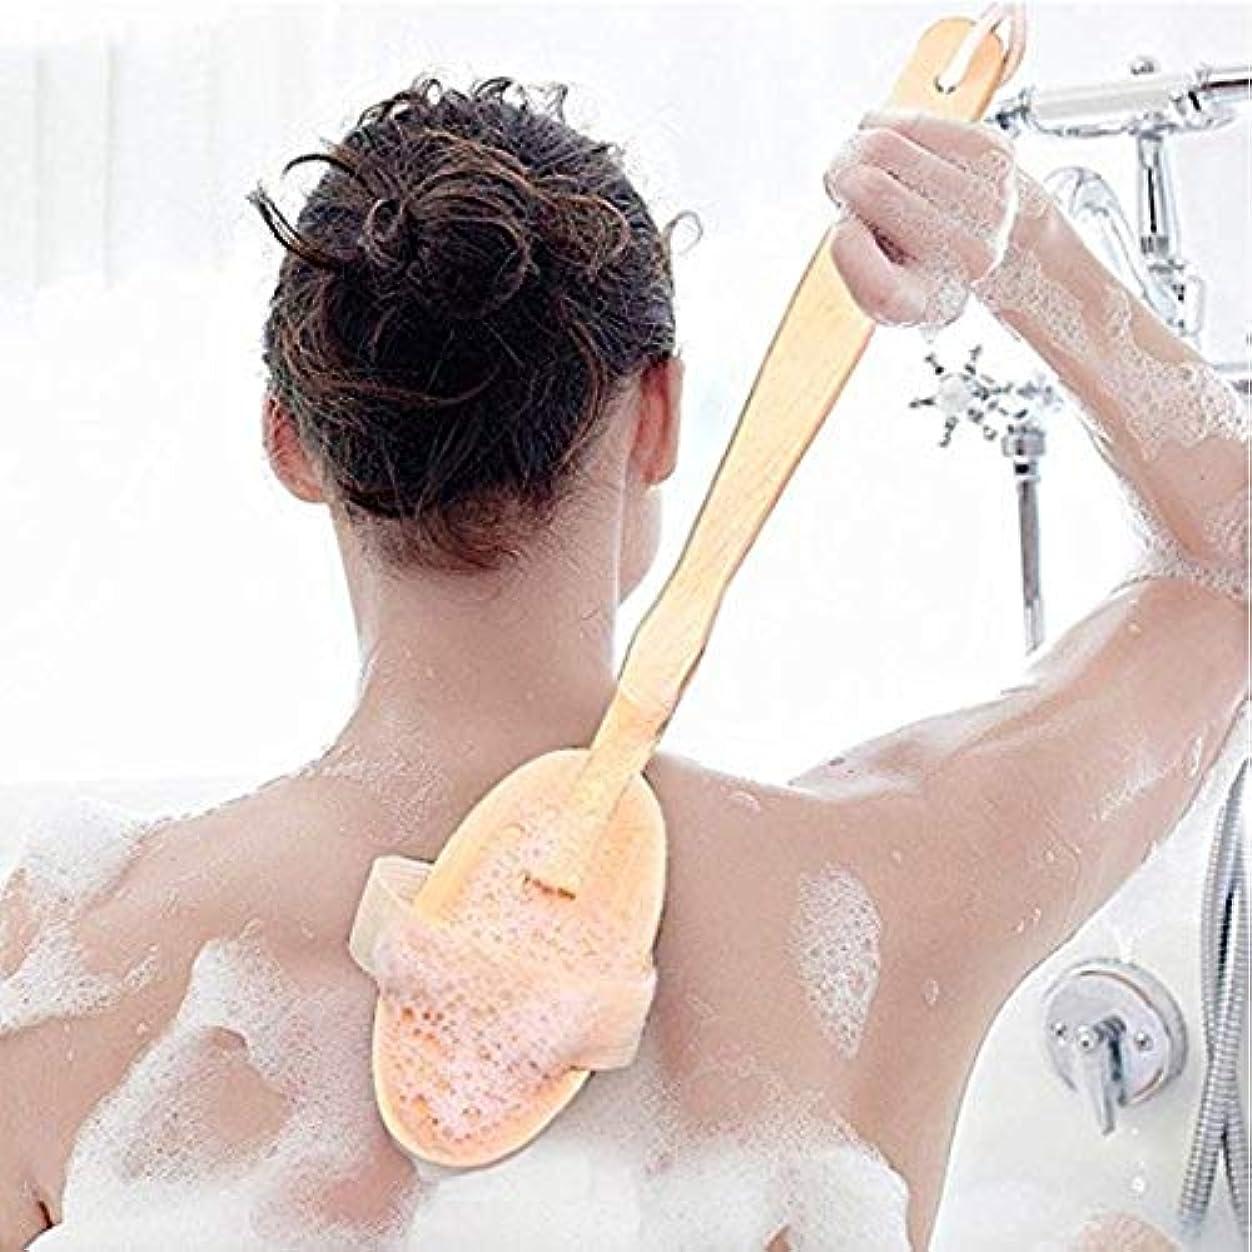 砦風景正当なicey 木製 長柄 入浴ブラシ お風呂の神器 ブラシ 入浴ブラシ ブタのたらいブラシ 軟毛 背中をこす 背中長柄ボディブラシ高級木製豚毛入浴ブラシ美肌効果むくみ改善